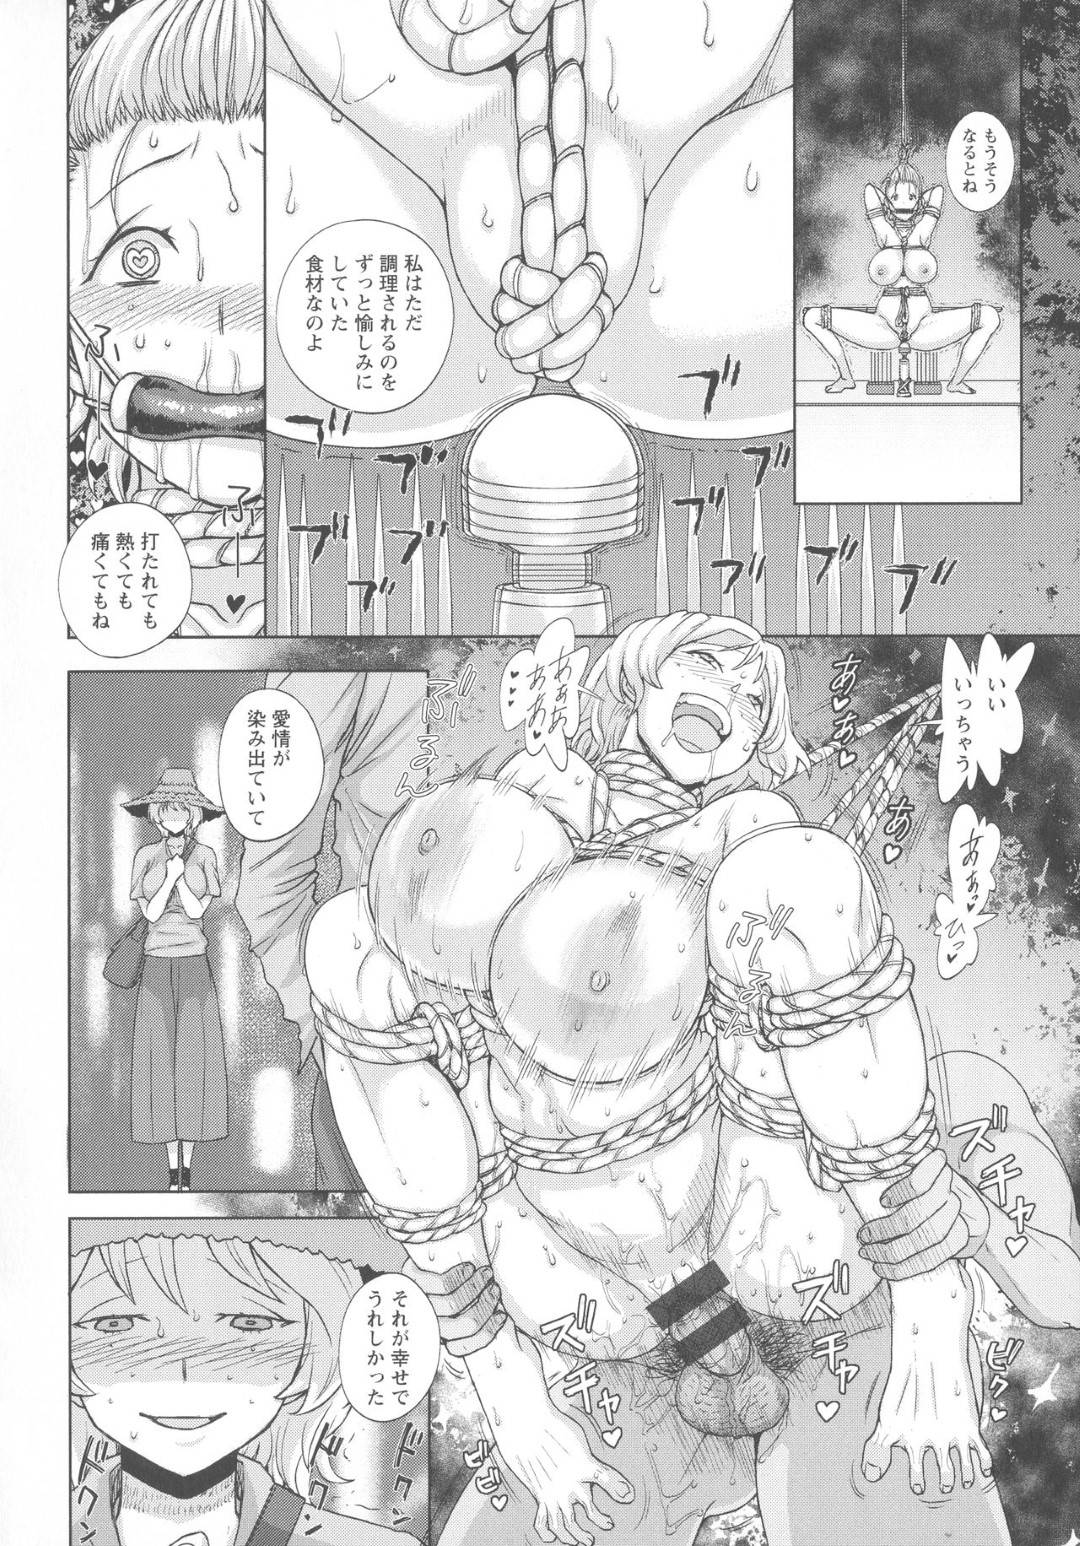 【エロ漫画】睡眠薬を飲まされて穴蔵へと拉致監禁されてしまったお姉さん…覆面をした男たちは彼女を陵辱しようと毎日のように輪姦しては中出しする。次第に行動はエスカレートしていき、鼻フックや媚薬、鞭打ちなどハードプレイをするようになる。【まじろー:KAIKO 前編】